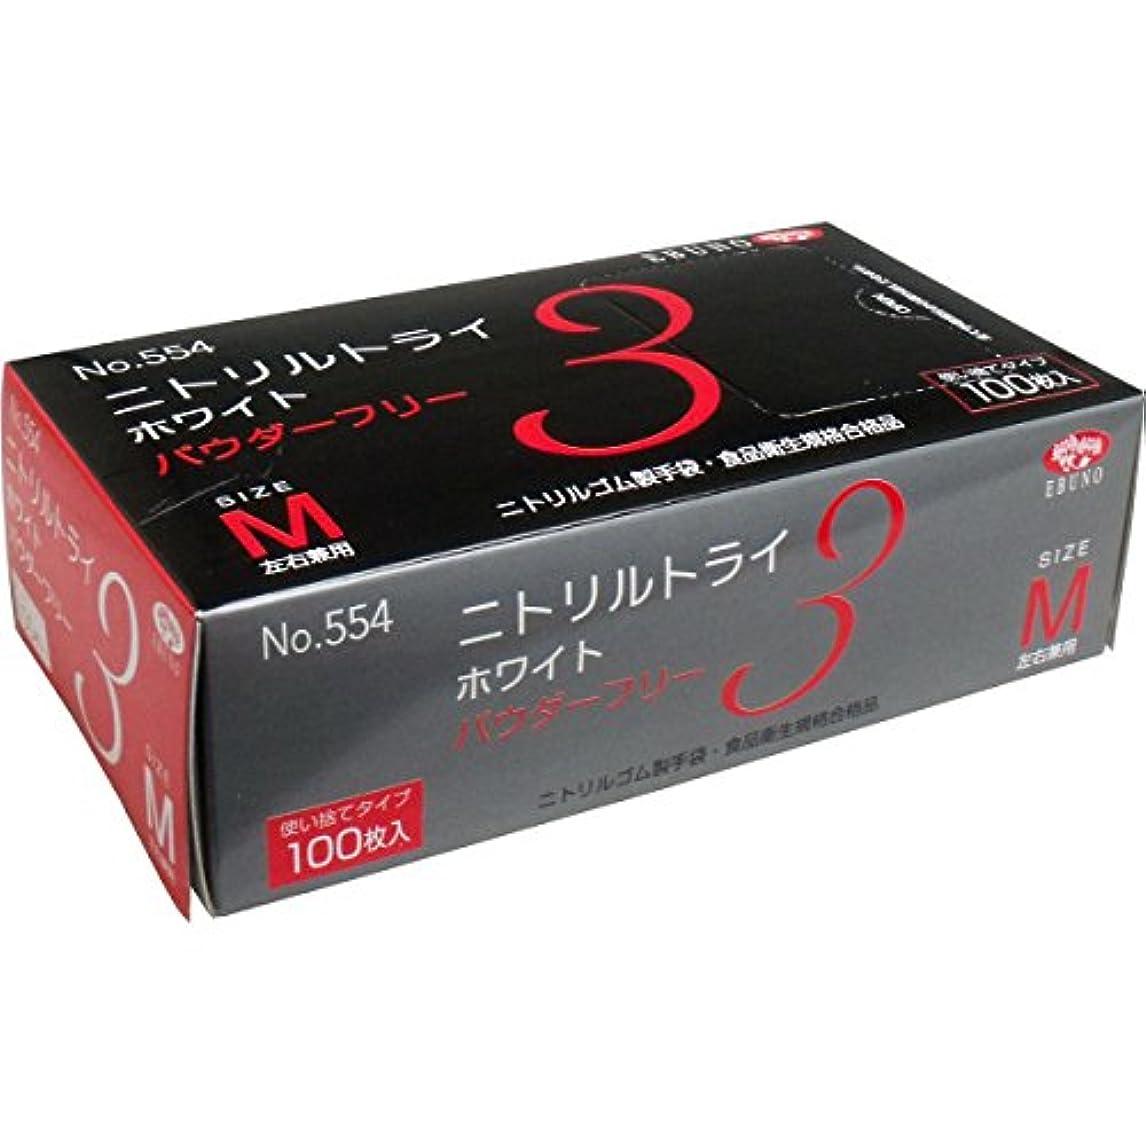 うるさい褐色アコードニトリルトライ3 手袋 ホワイト パウダーフリー Mサイズ 100枚入(単品)